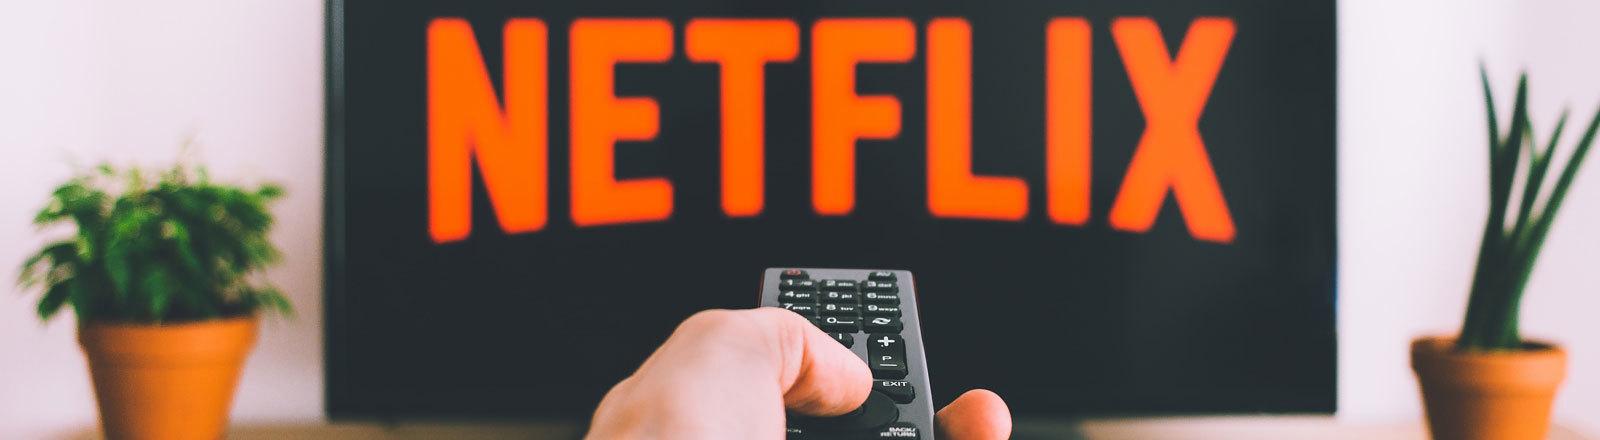 Ein Fernseher mit Netflix-Schriftzug.